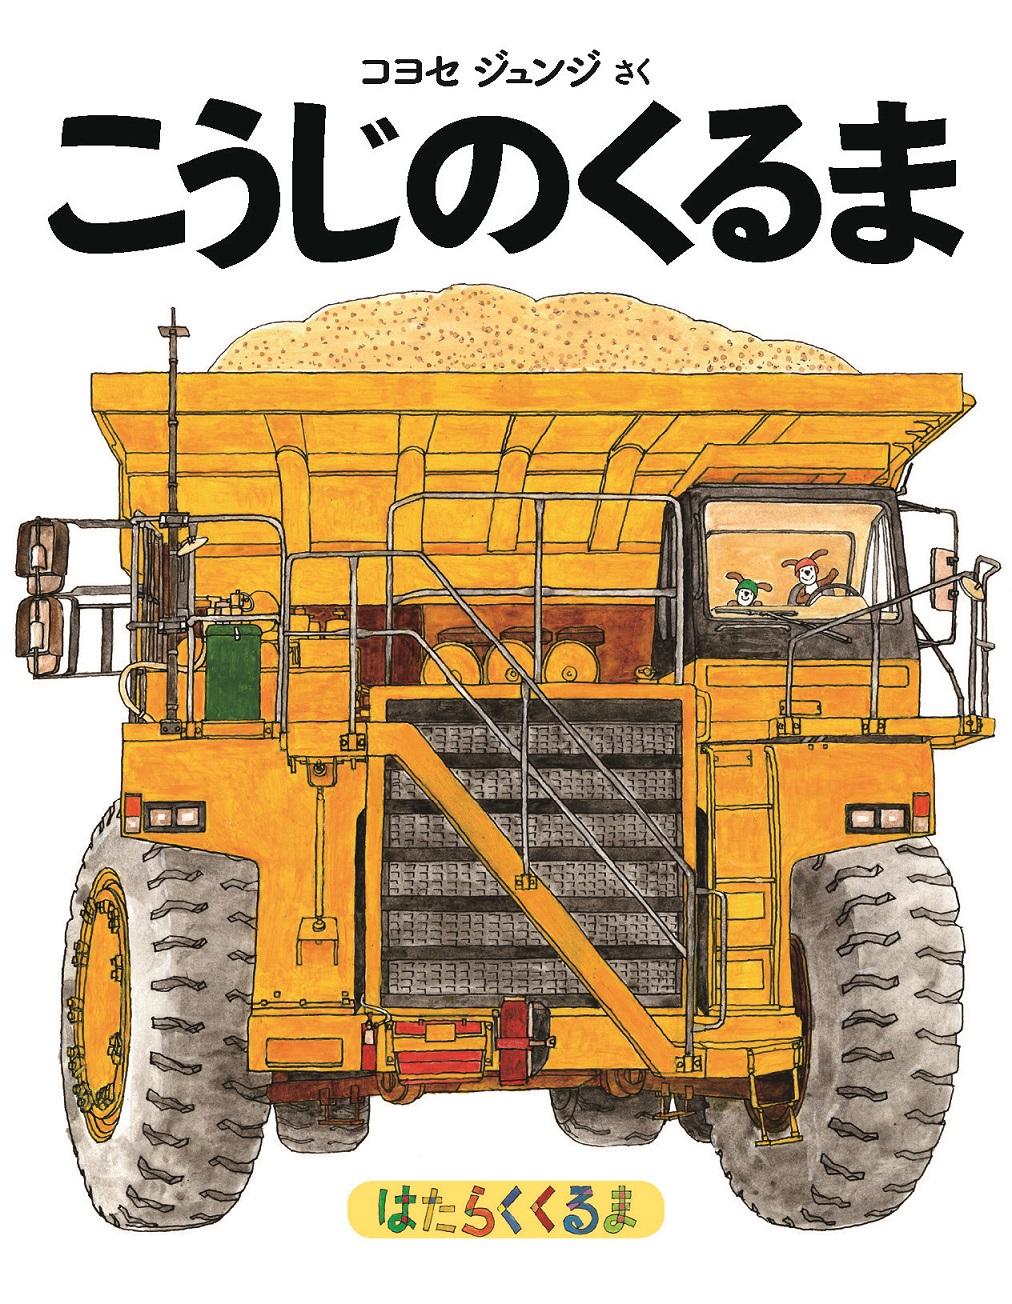 「こうじのくるま」発売記念 コヨセジュンジ先生サイン会